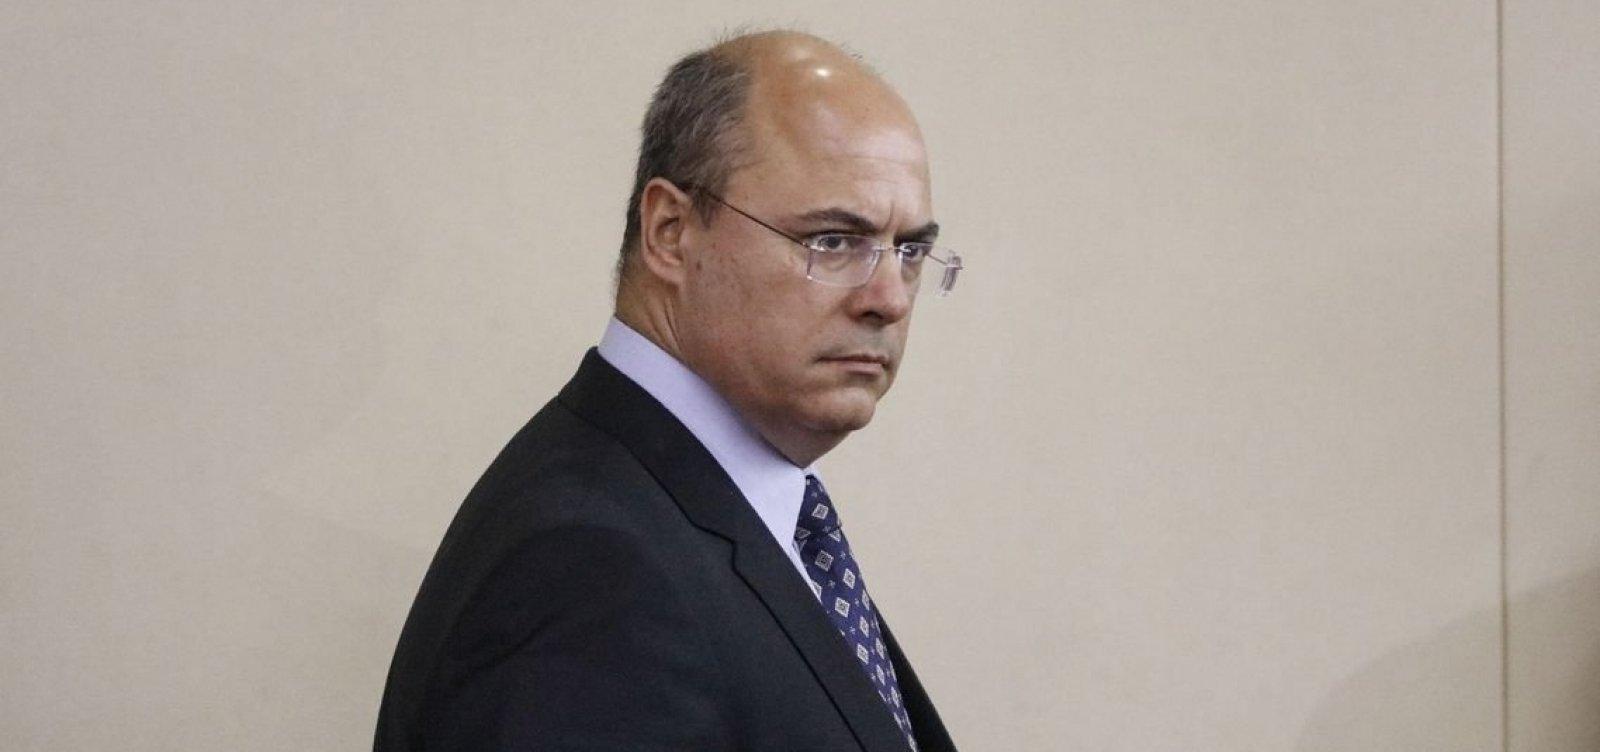 Witzel nega ter vazado informações e diz que não tem 'bandido de estimação'